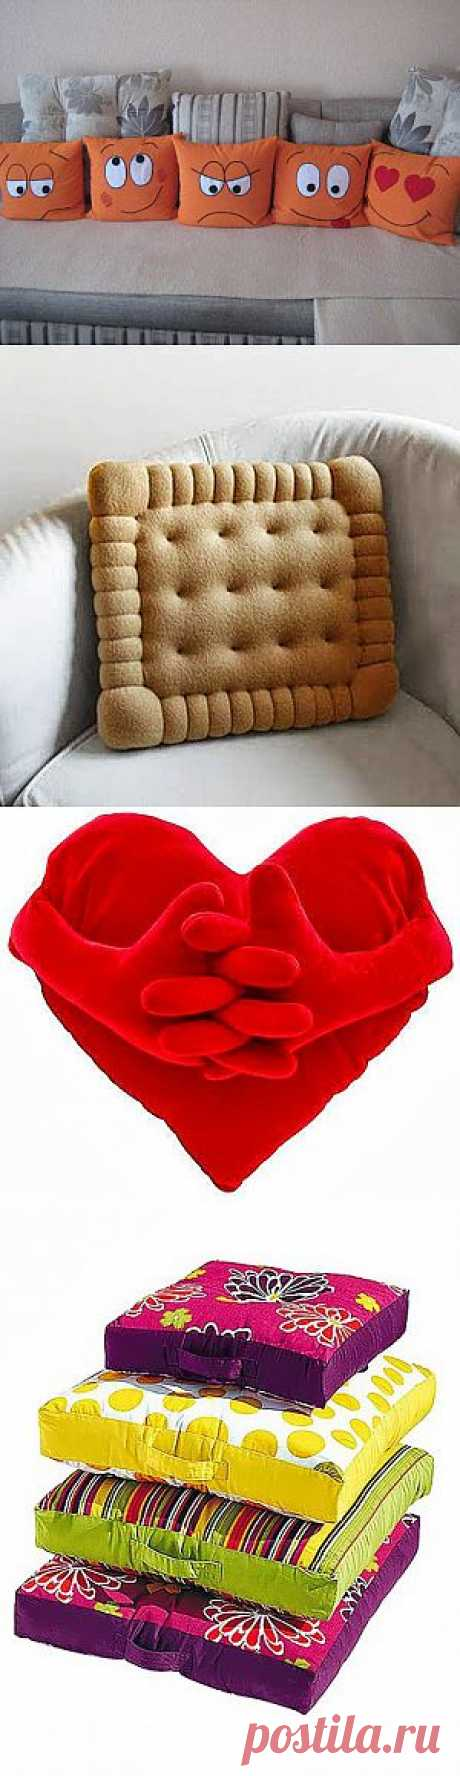 Insólito prikolnye las almohadas